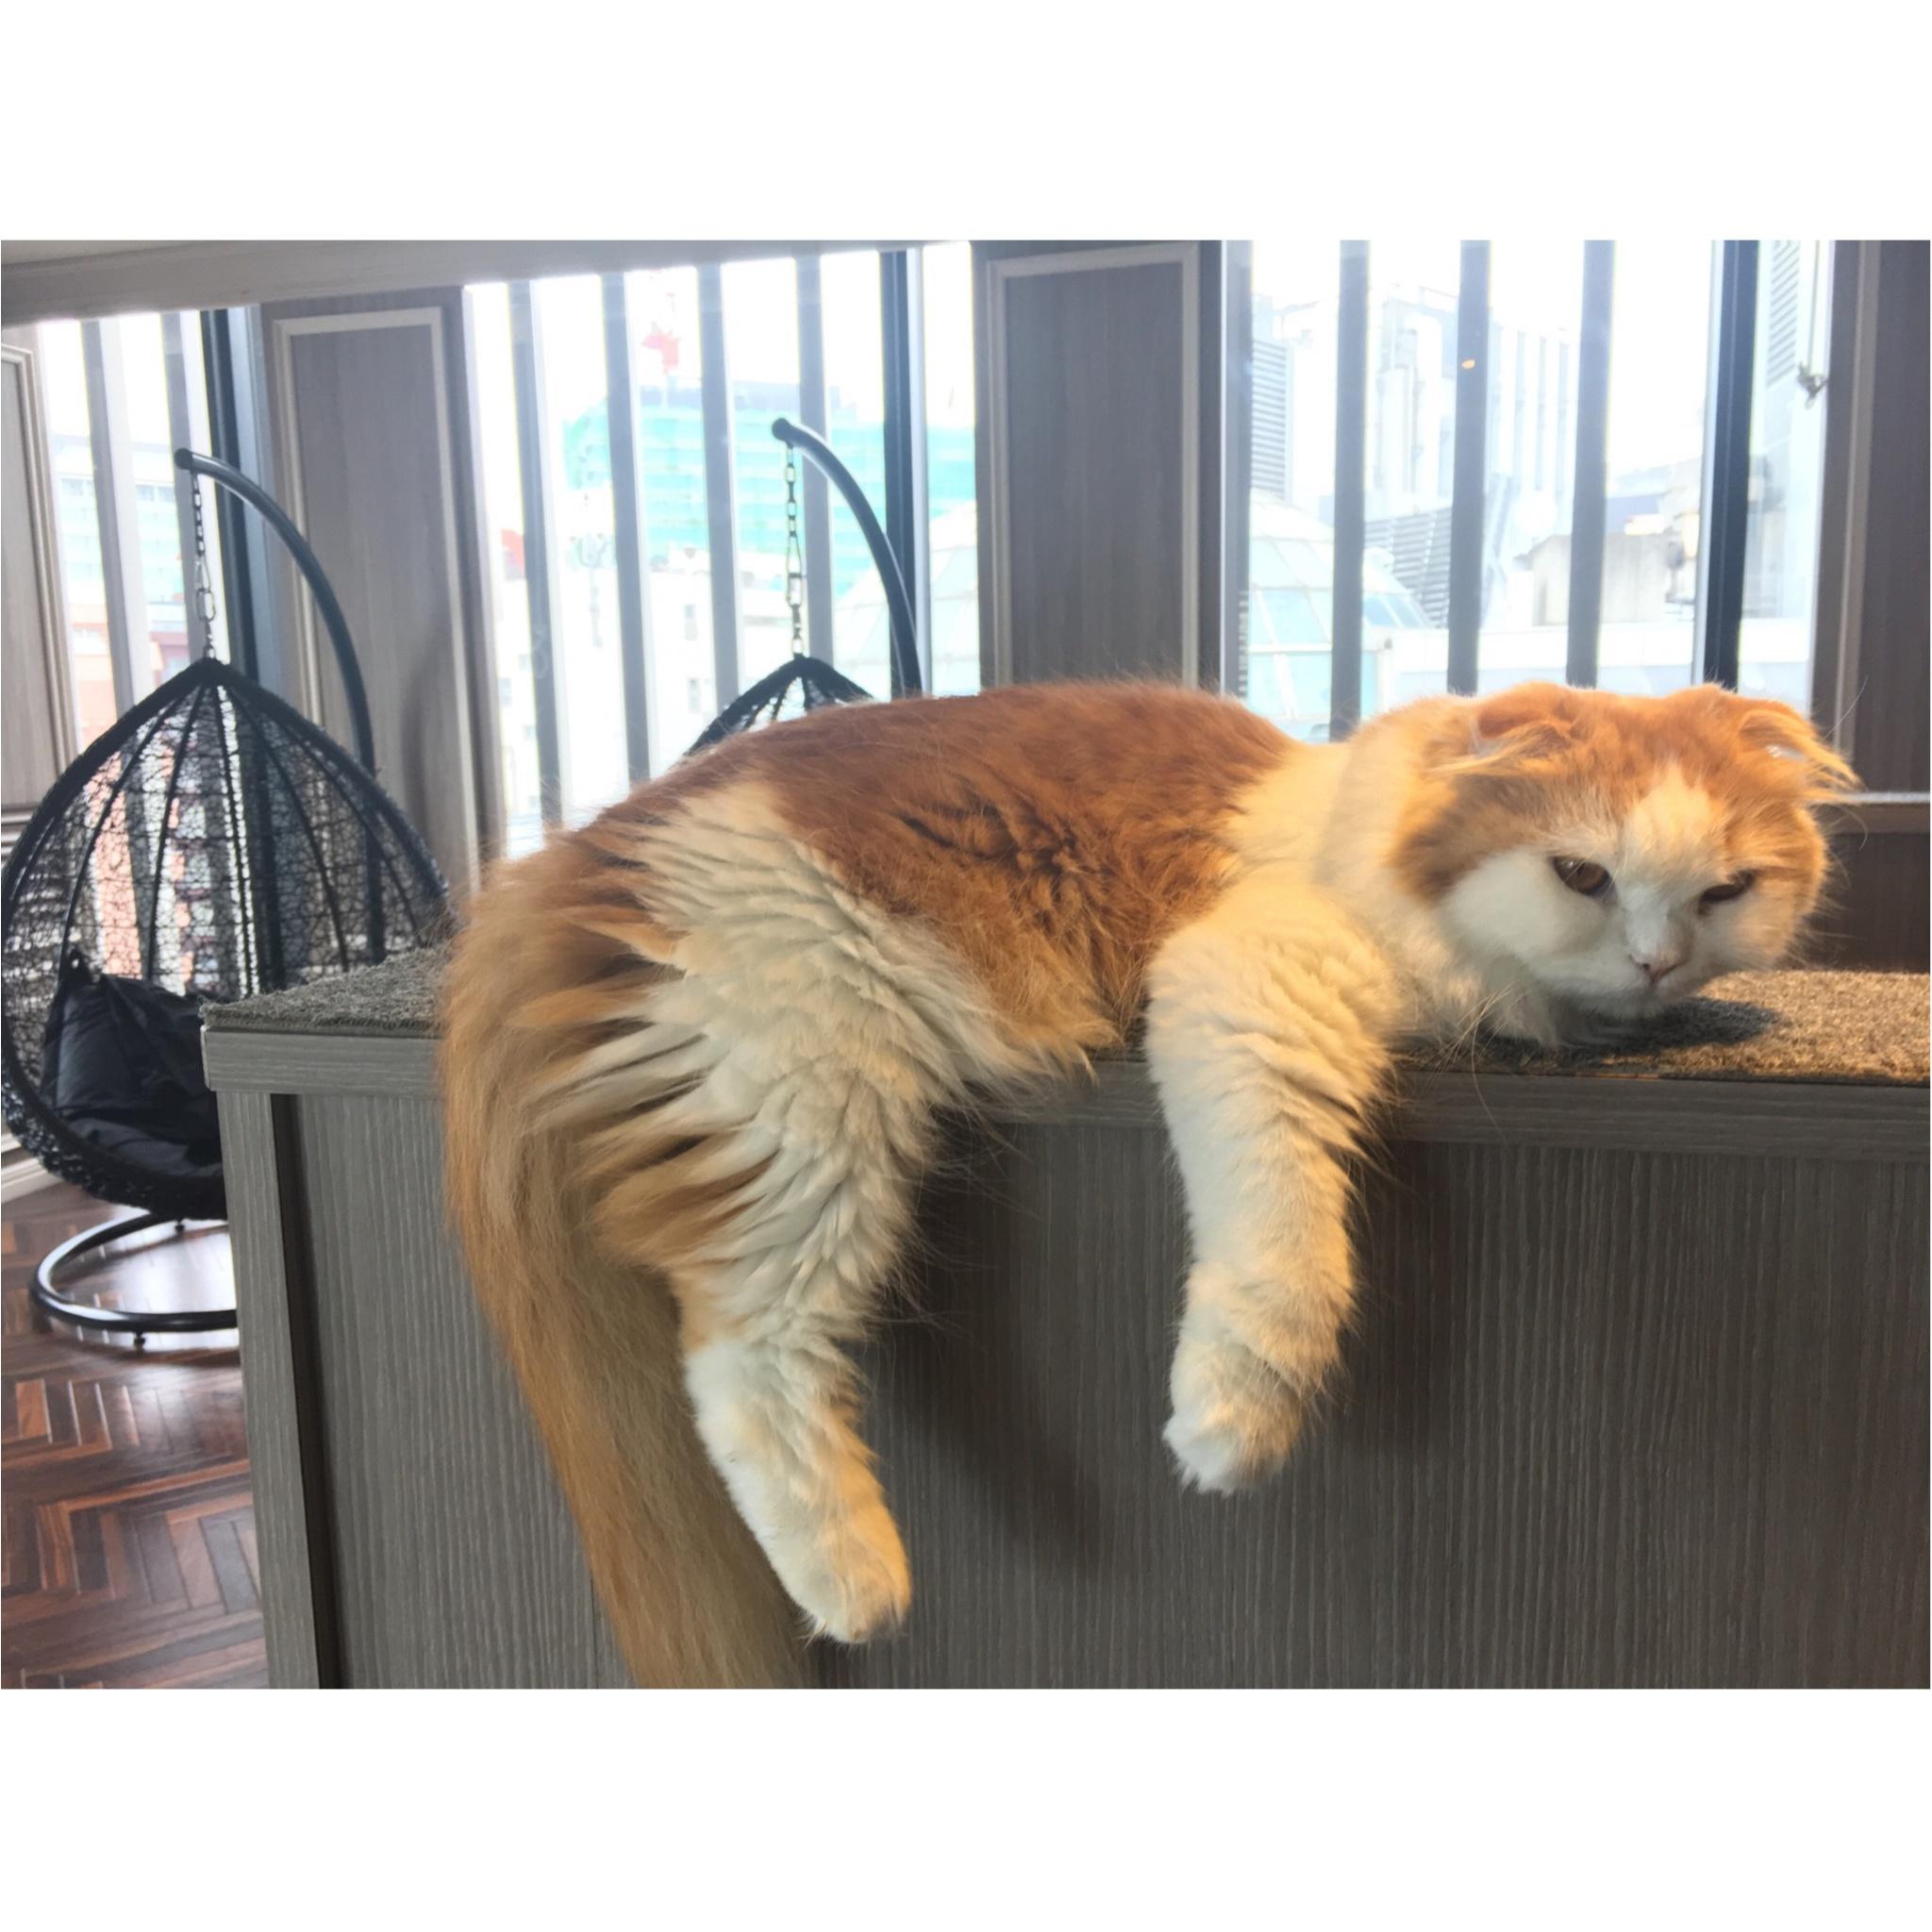 【猫カフェ】渋谷で癒しの猫カフェ♡今ならカワイイ子猫にも会えちゃう♪_13